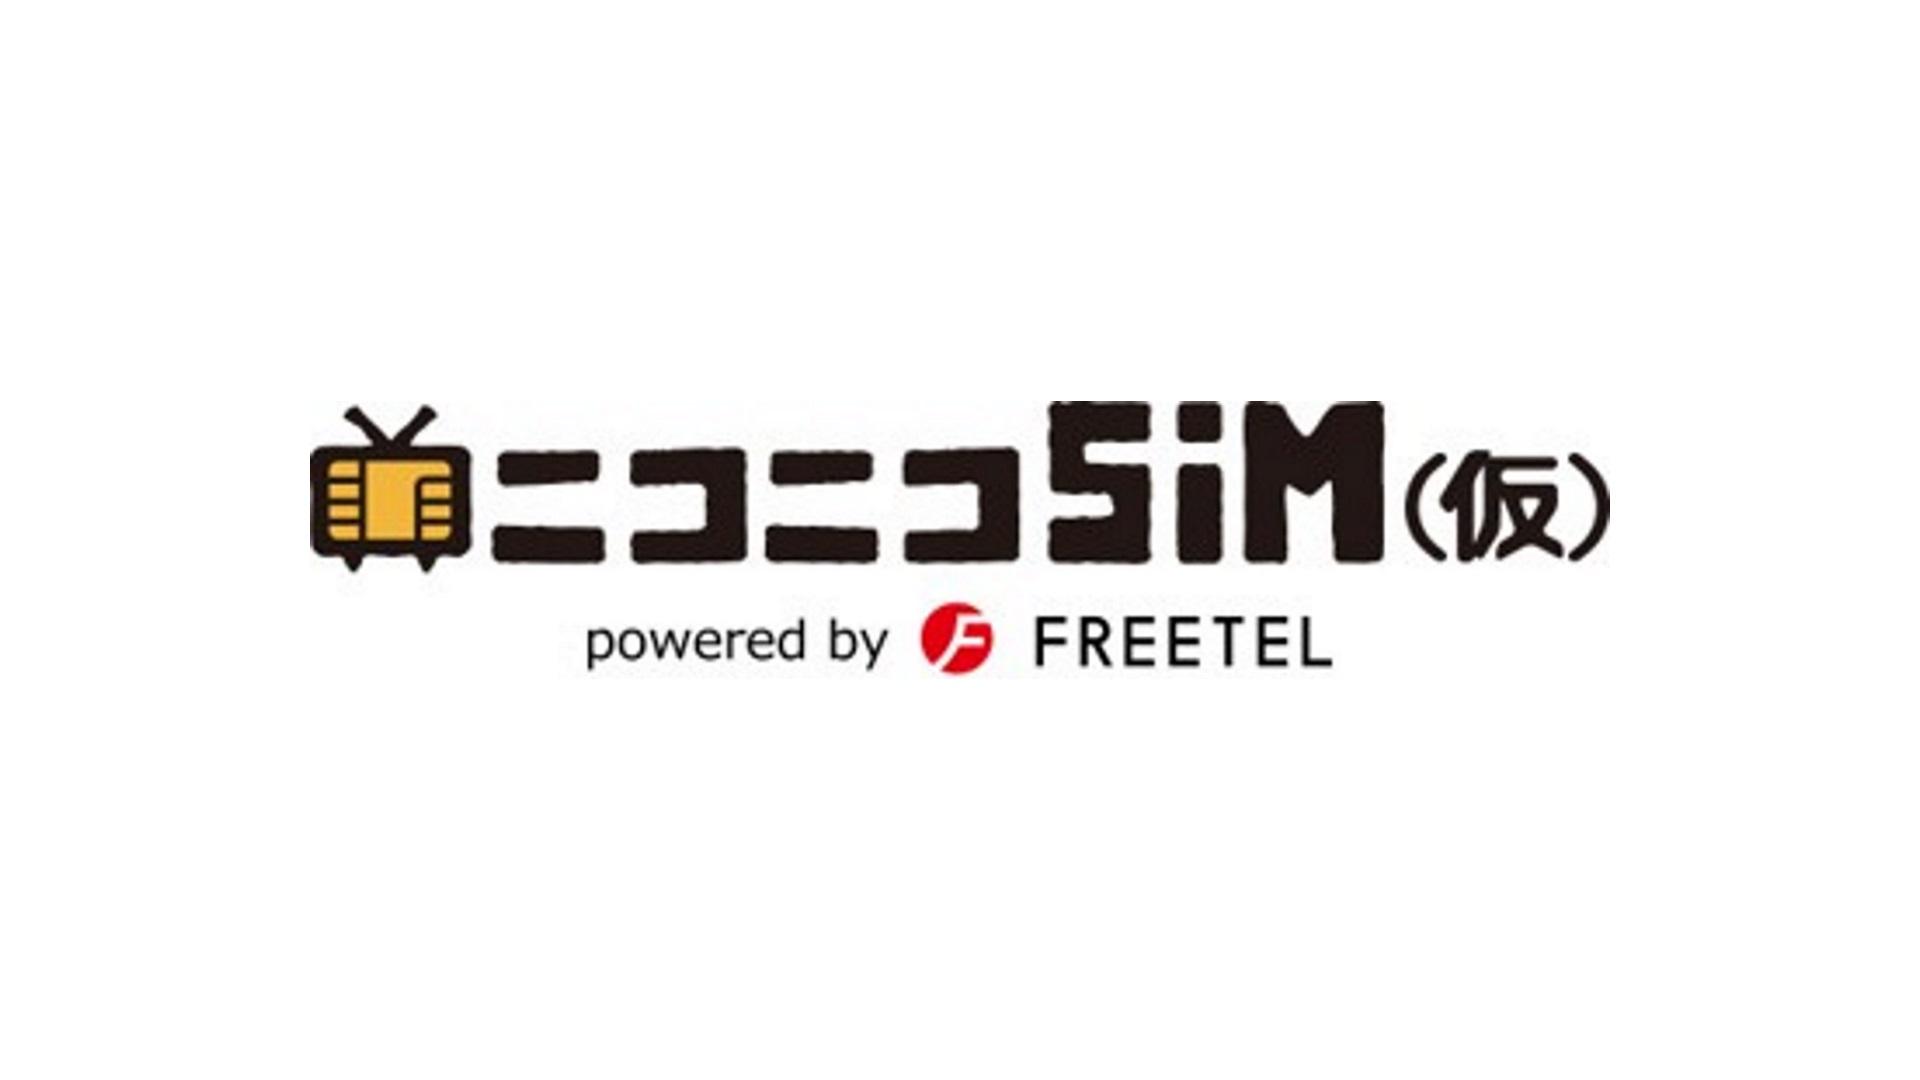 プレミアム会員費初年度無料「ニコニコSIM powered by FREETEL」発売